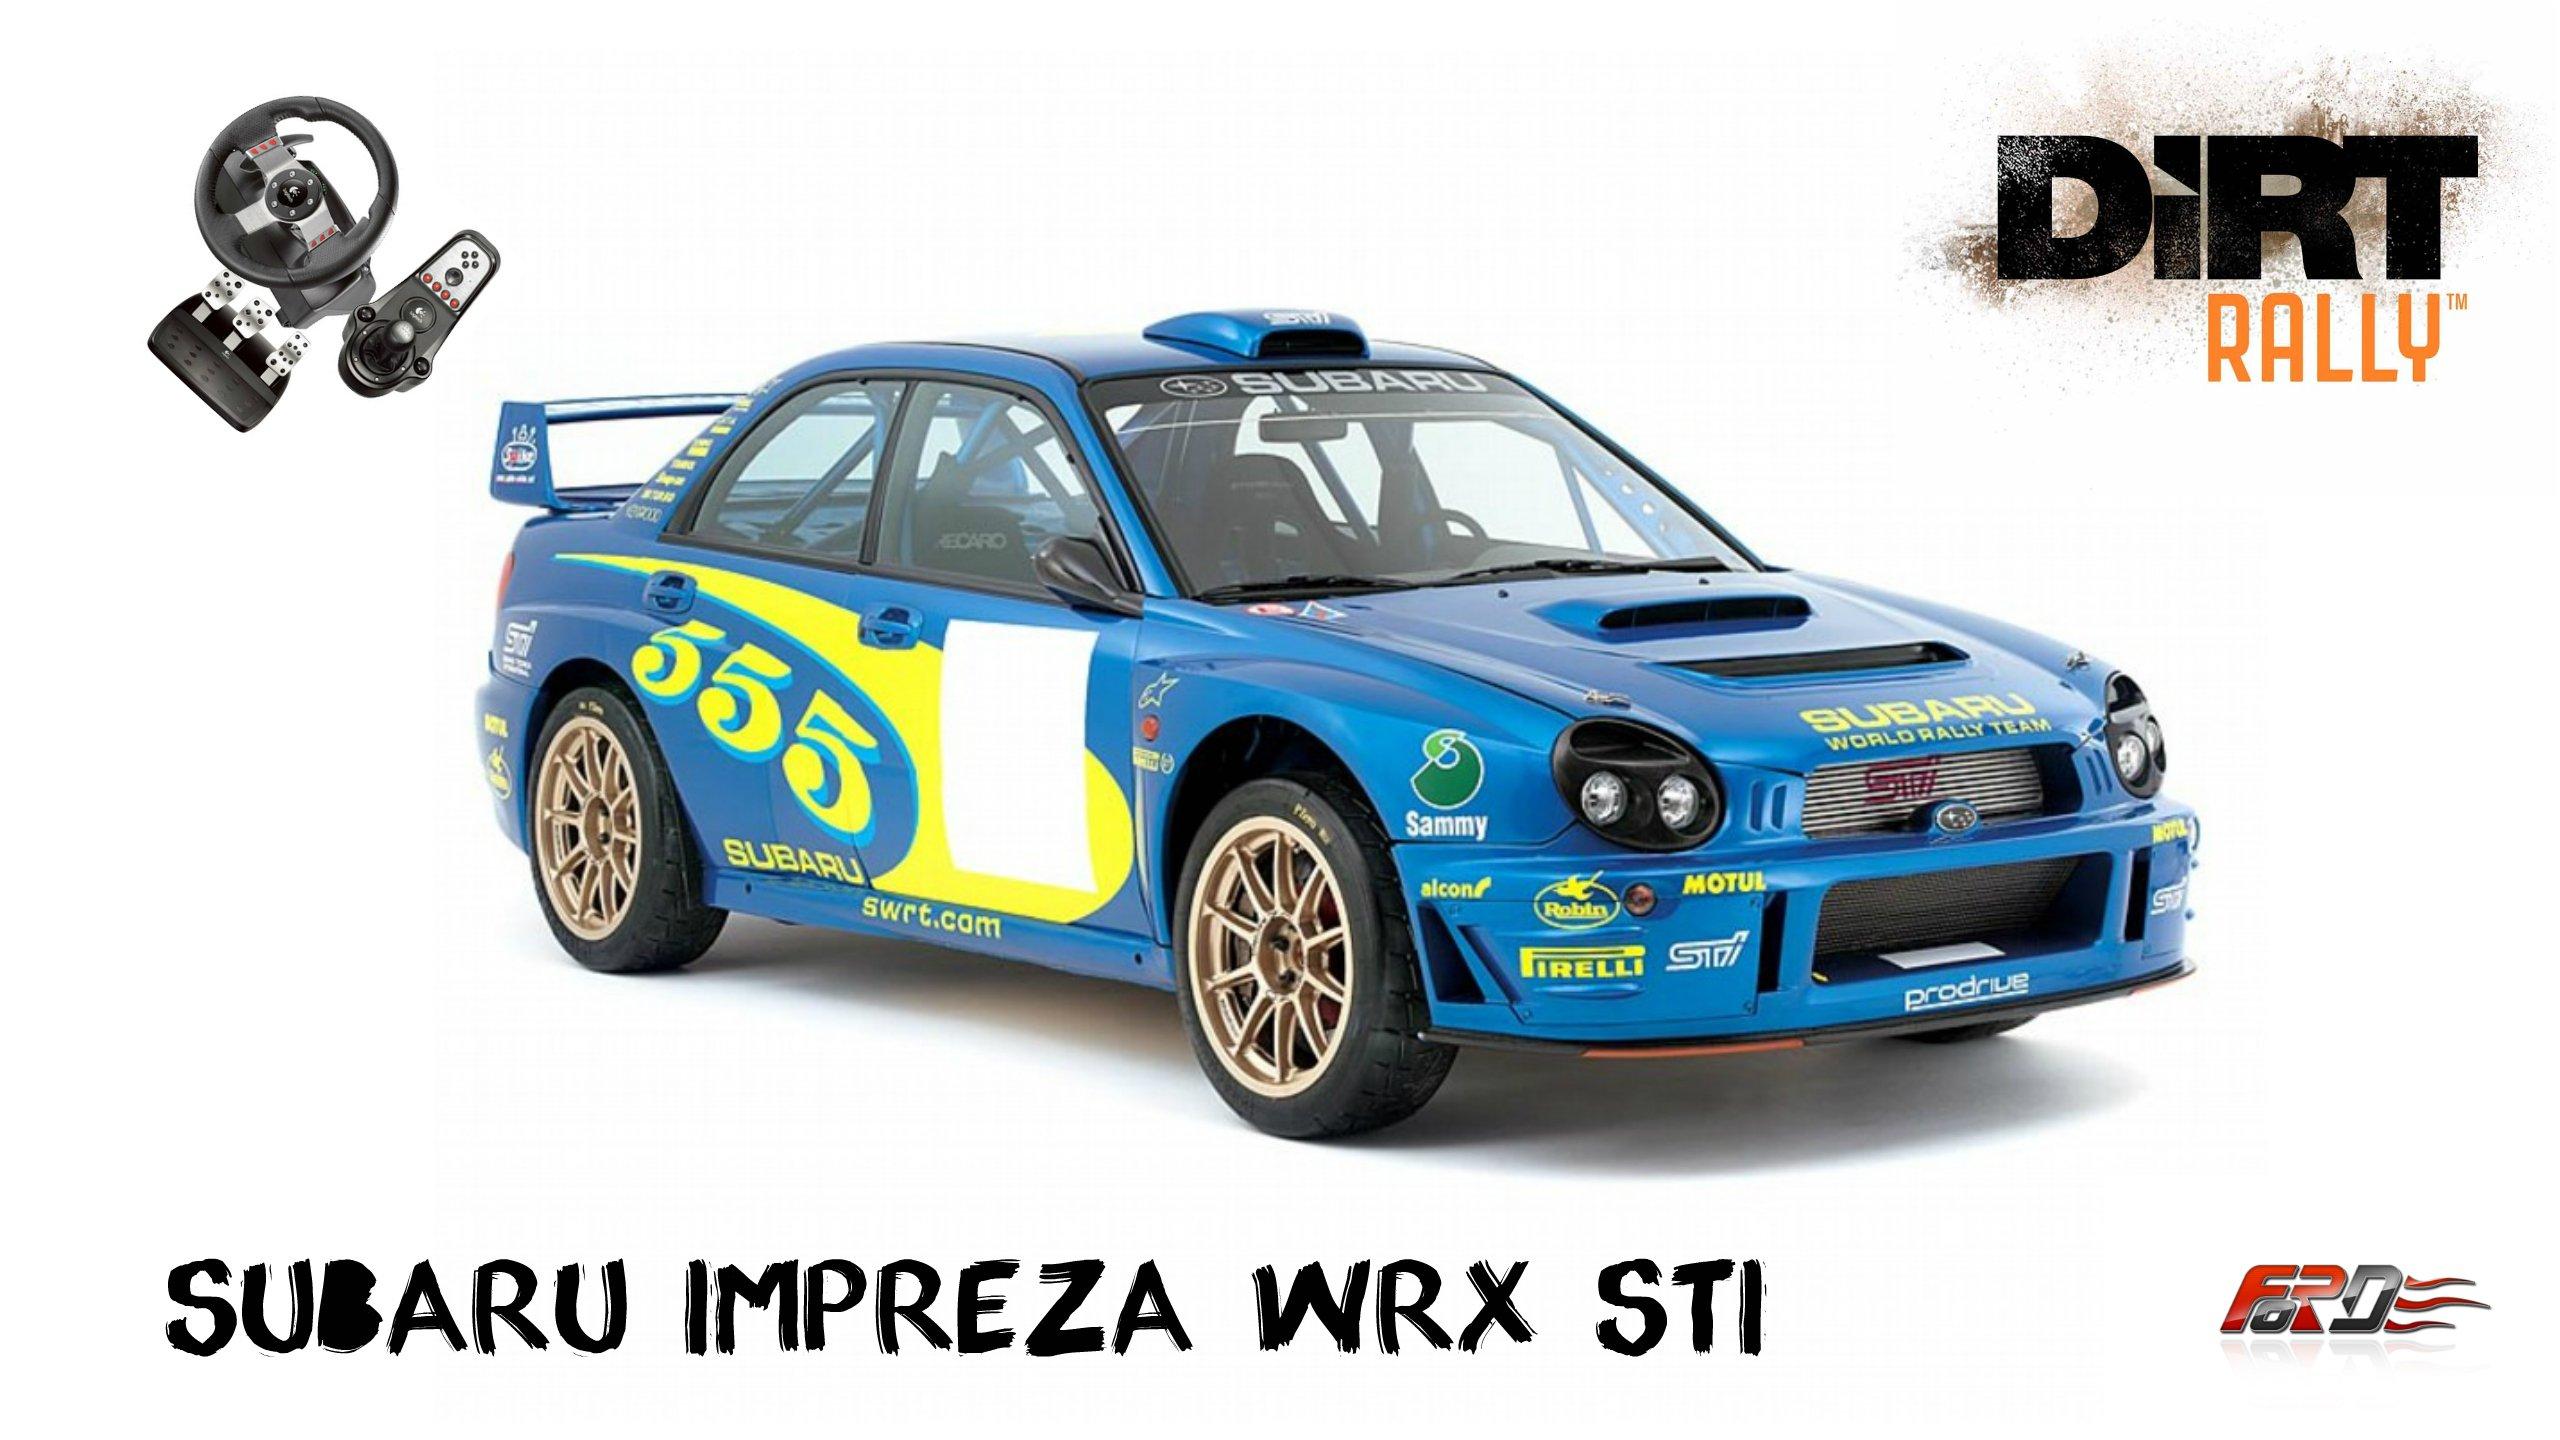 [DiRT Rally] Subaru Impreza WRX STI - тест-драйв, обзор, дождливая Великобритания, снежная Швеция. - Изображение 1